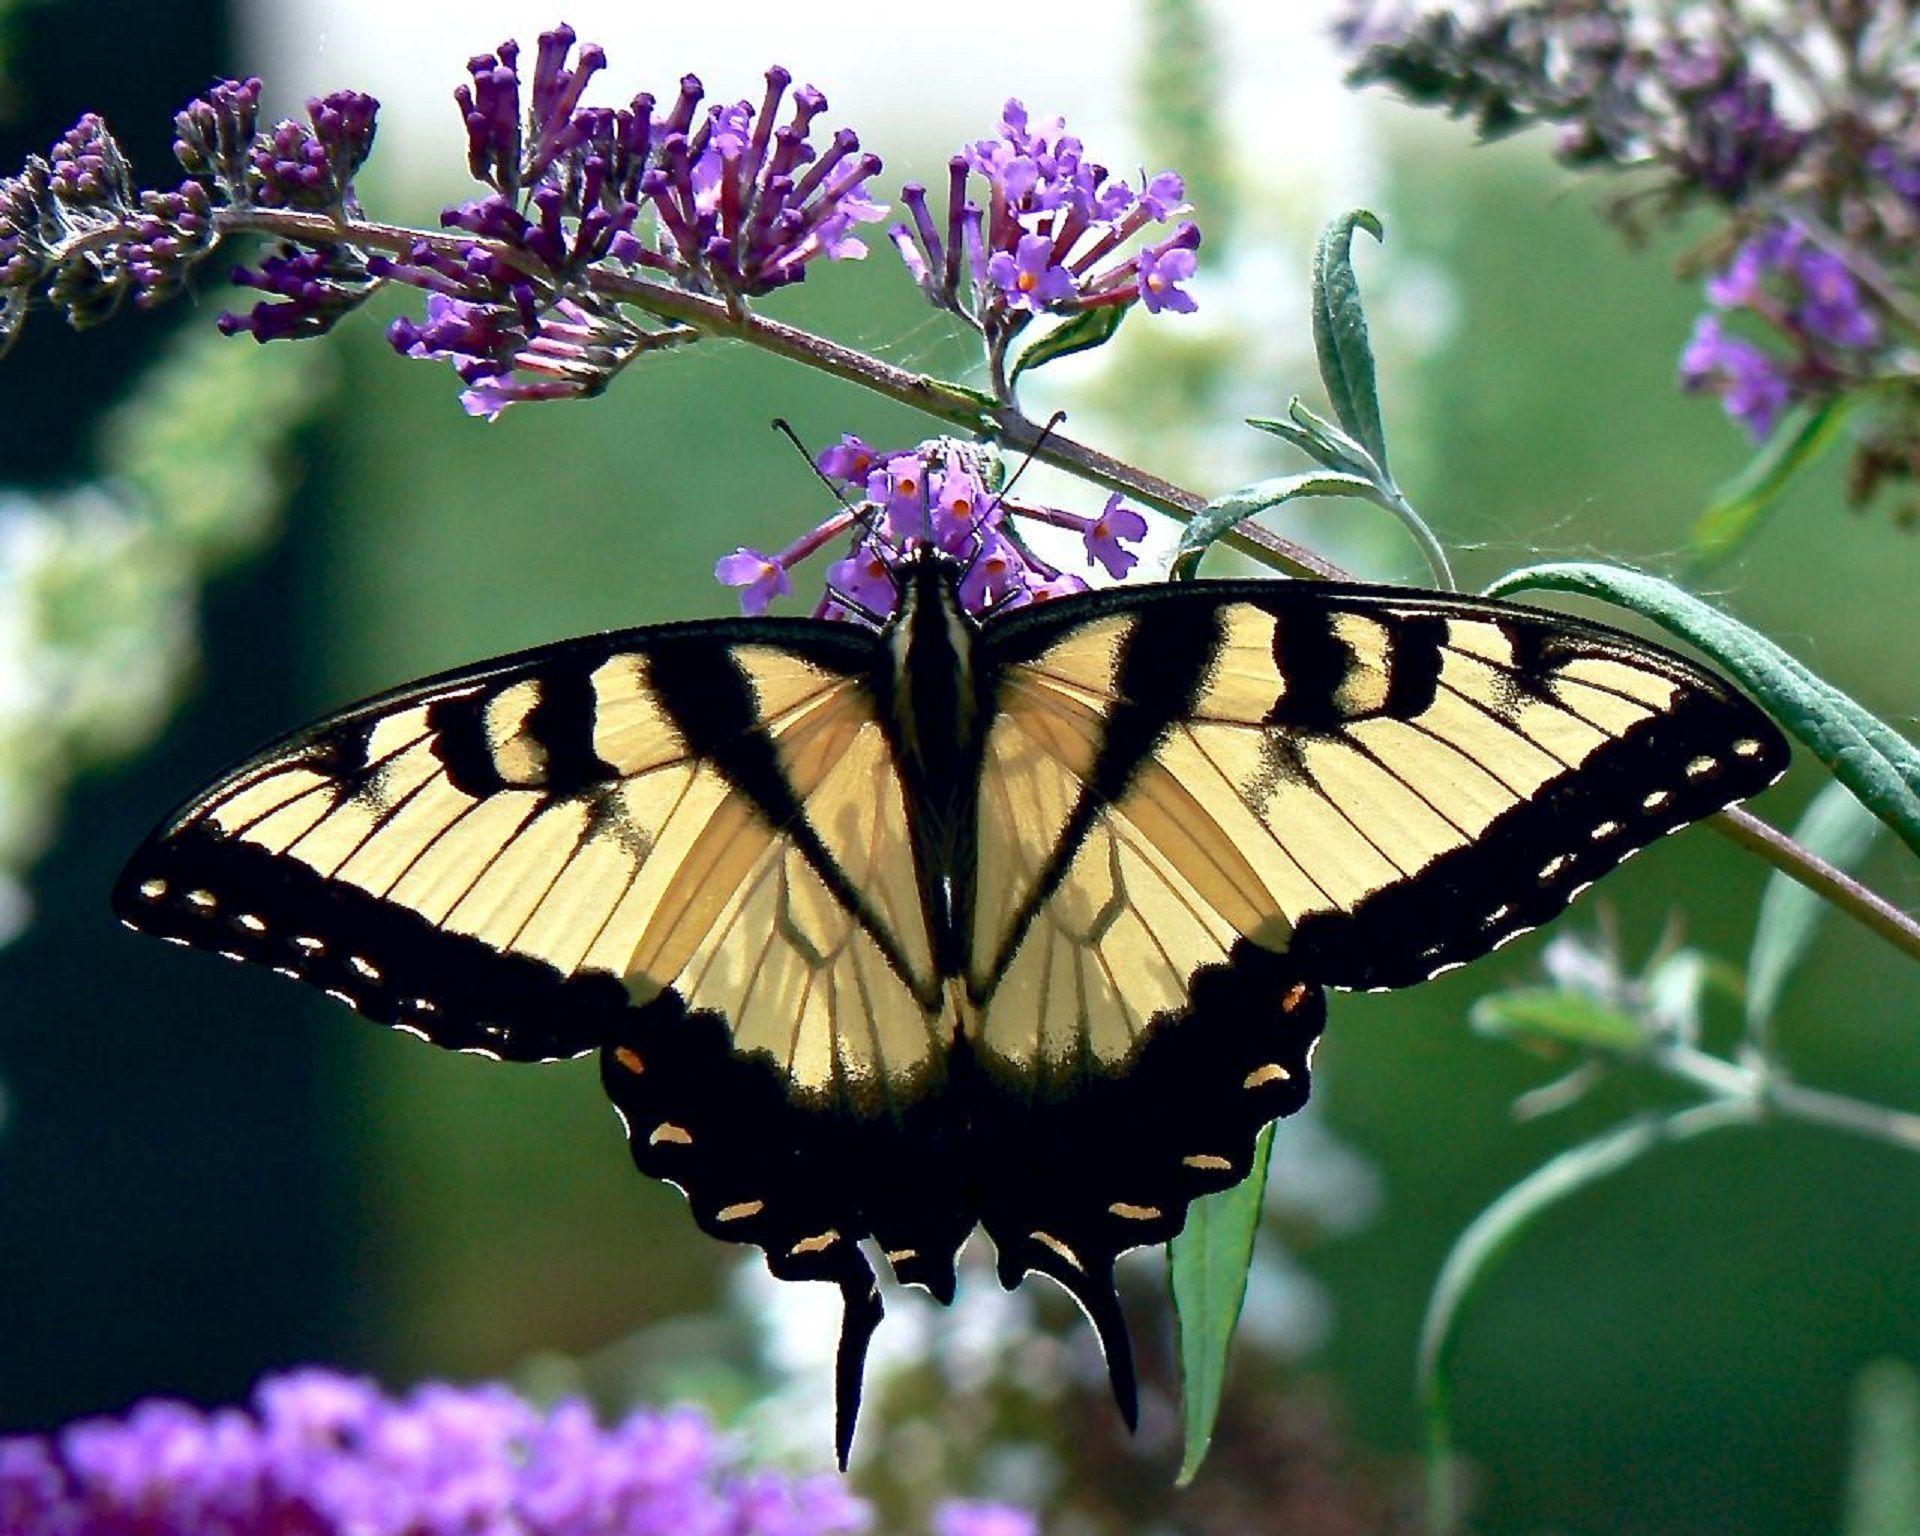 Скачать фото бабочки махаона бесплатно